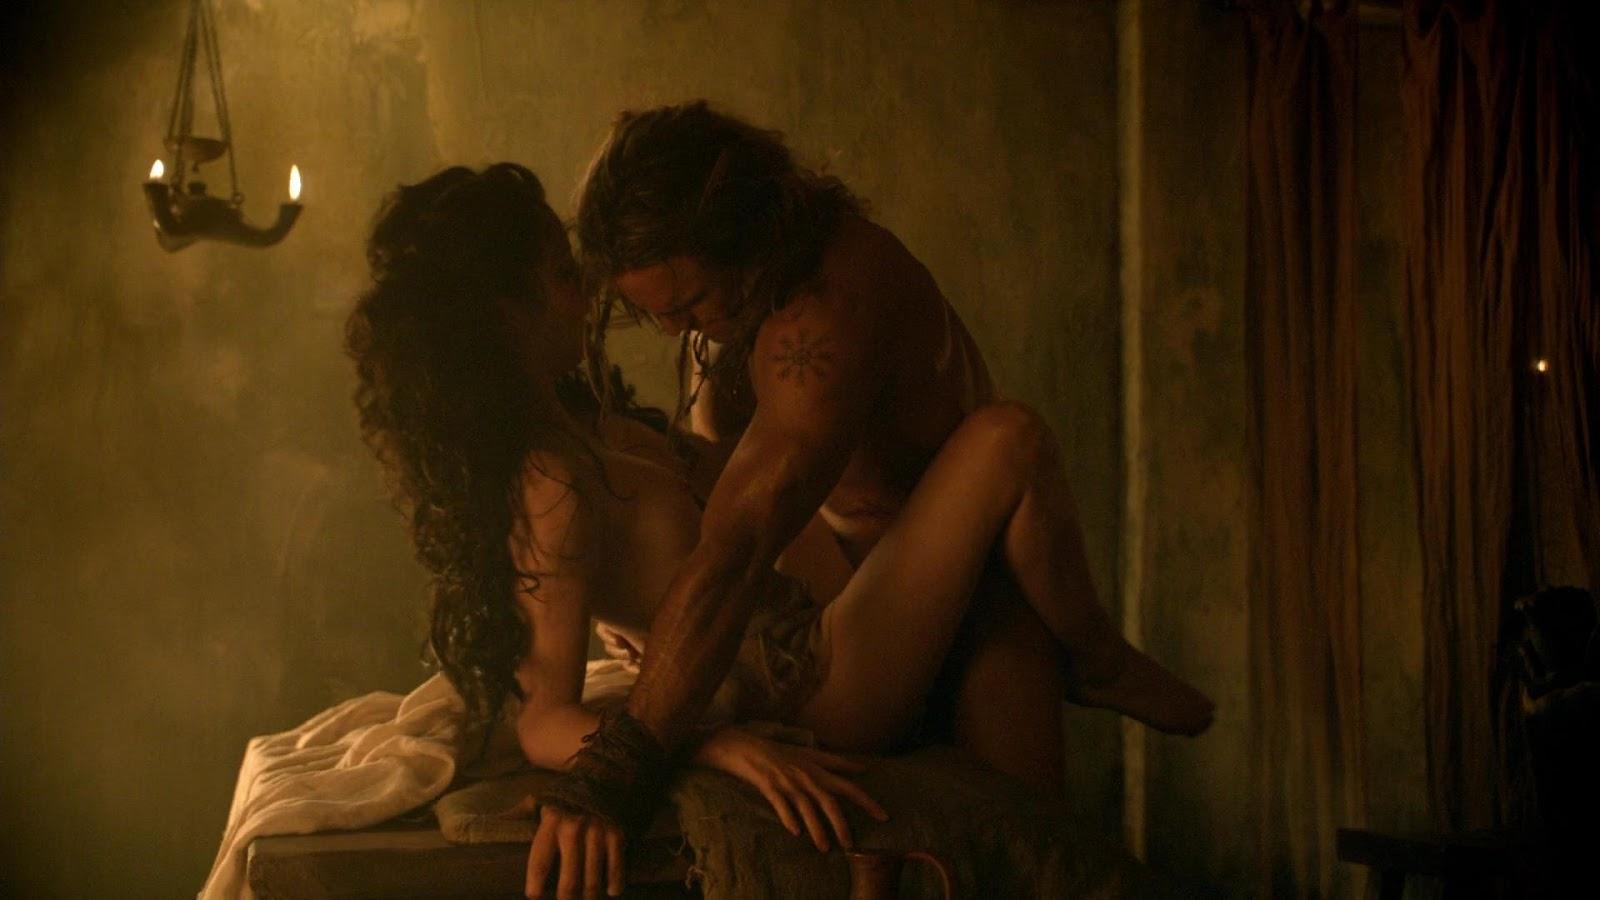 актрисы секспорно откровенные сцены в кино онлайн видео